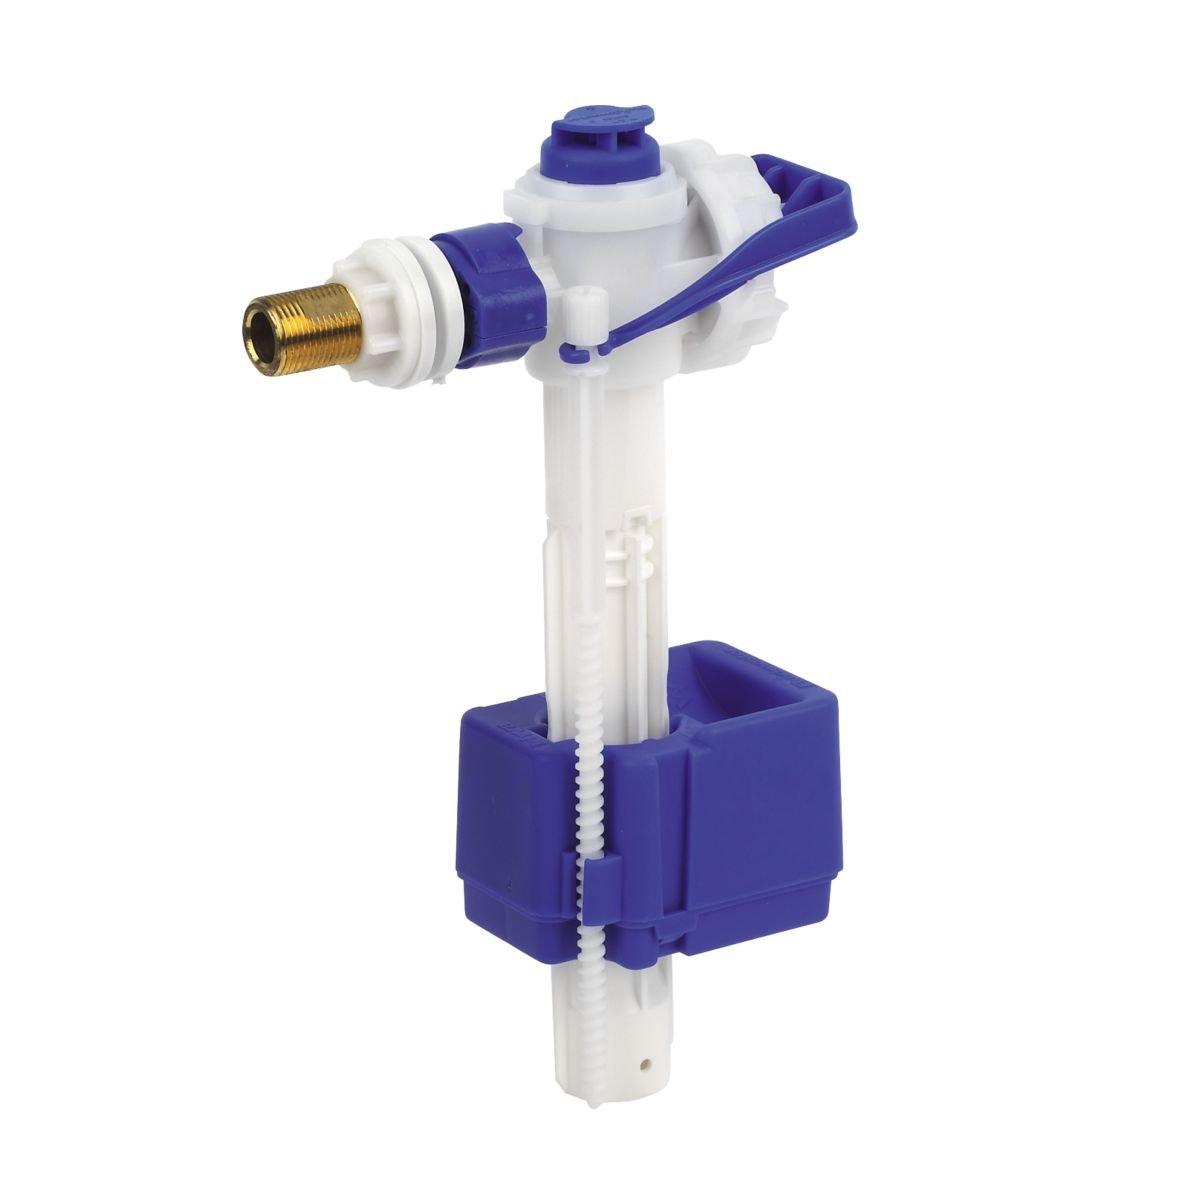 Fluidmaster entrada lateral válvula de llenado Euro 3/8: Amazon.es: Bricolaje y herramientas